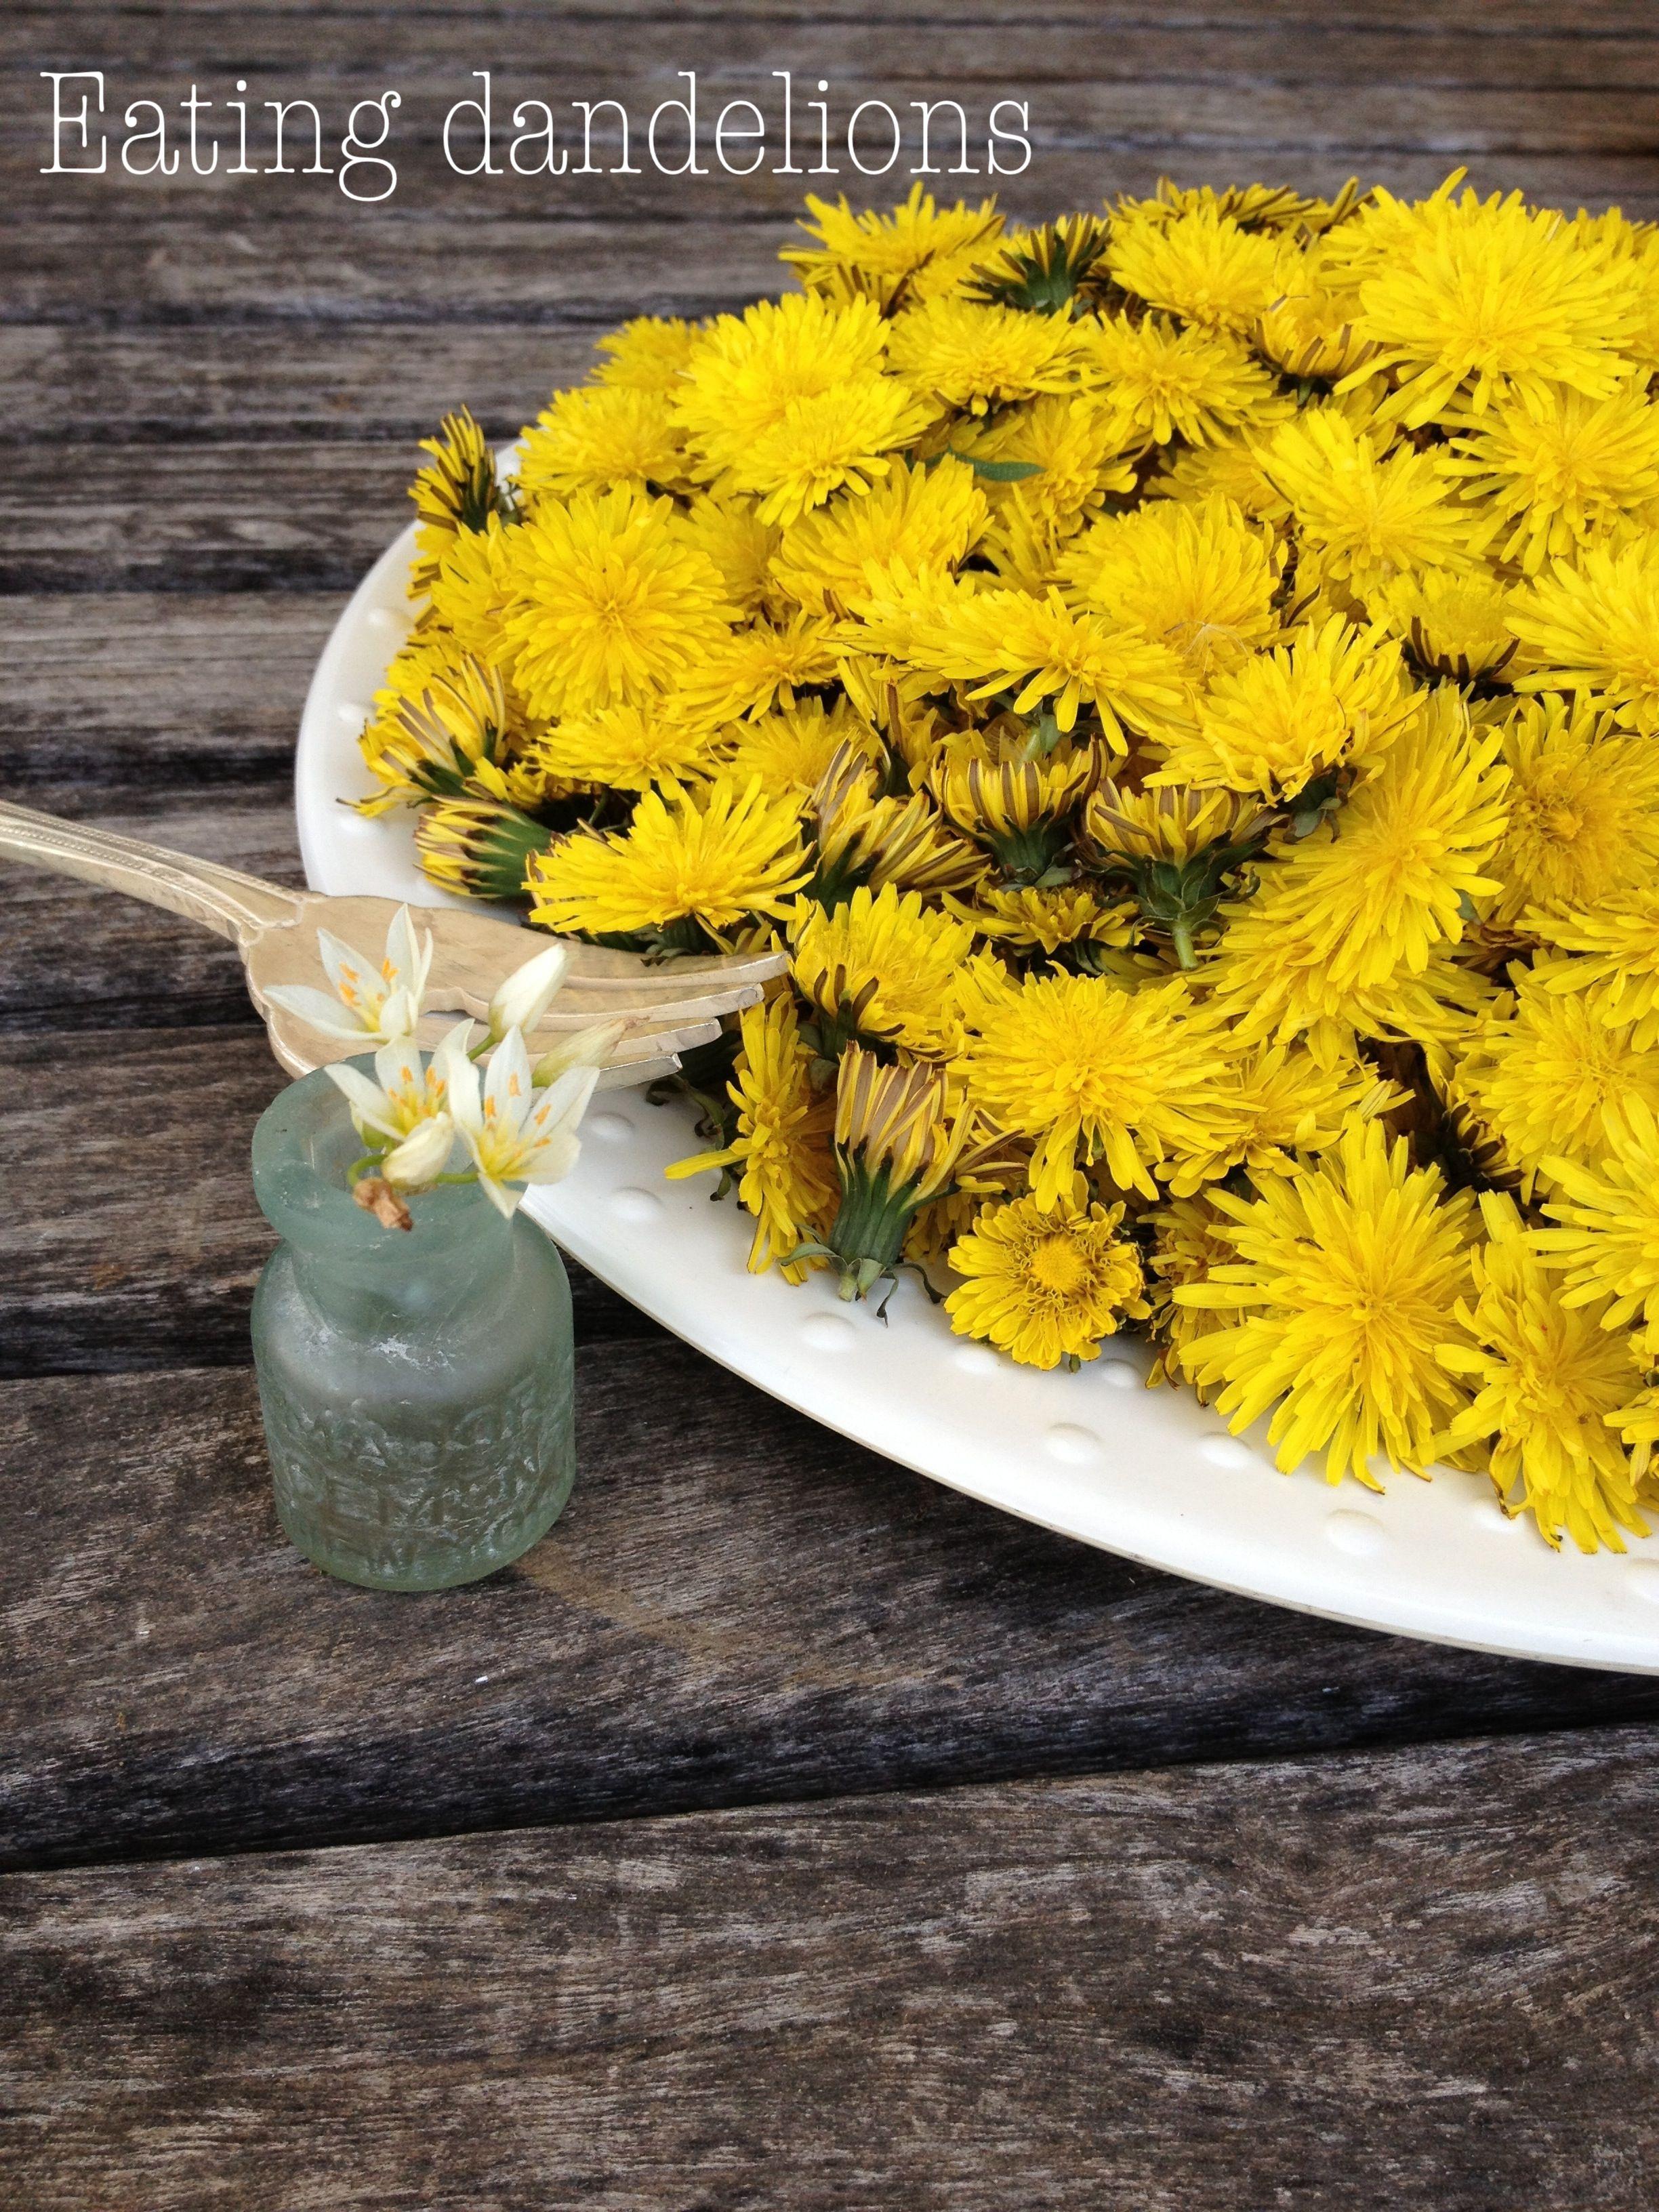 how to eat wild dandelions